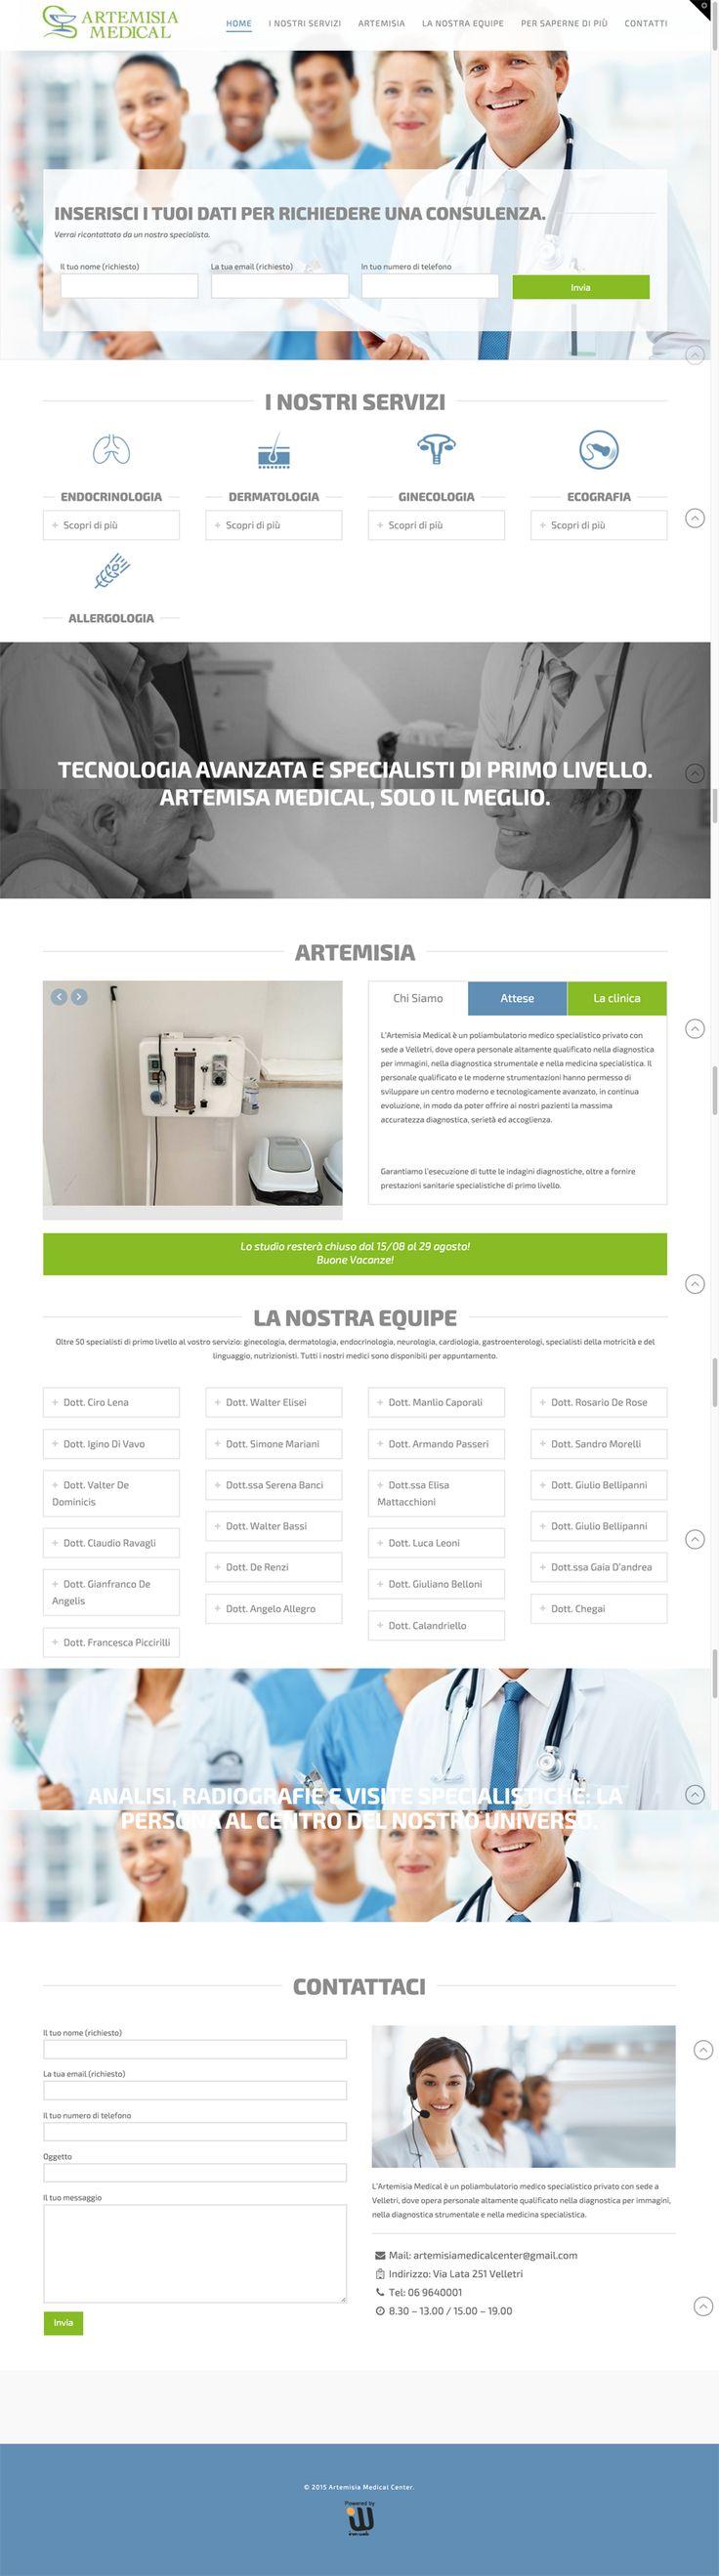 Sito web di presentazione per Artemisia Medical - Roma - HomePage - Realizzato con Wordpress- Anno 2015